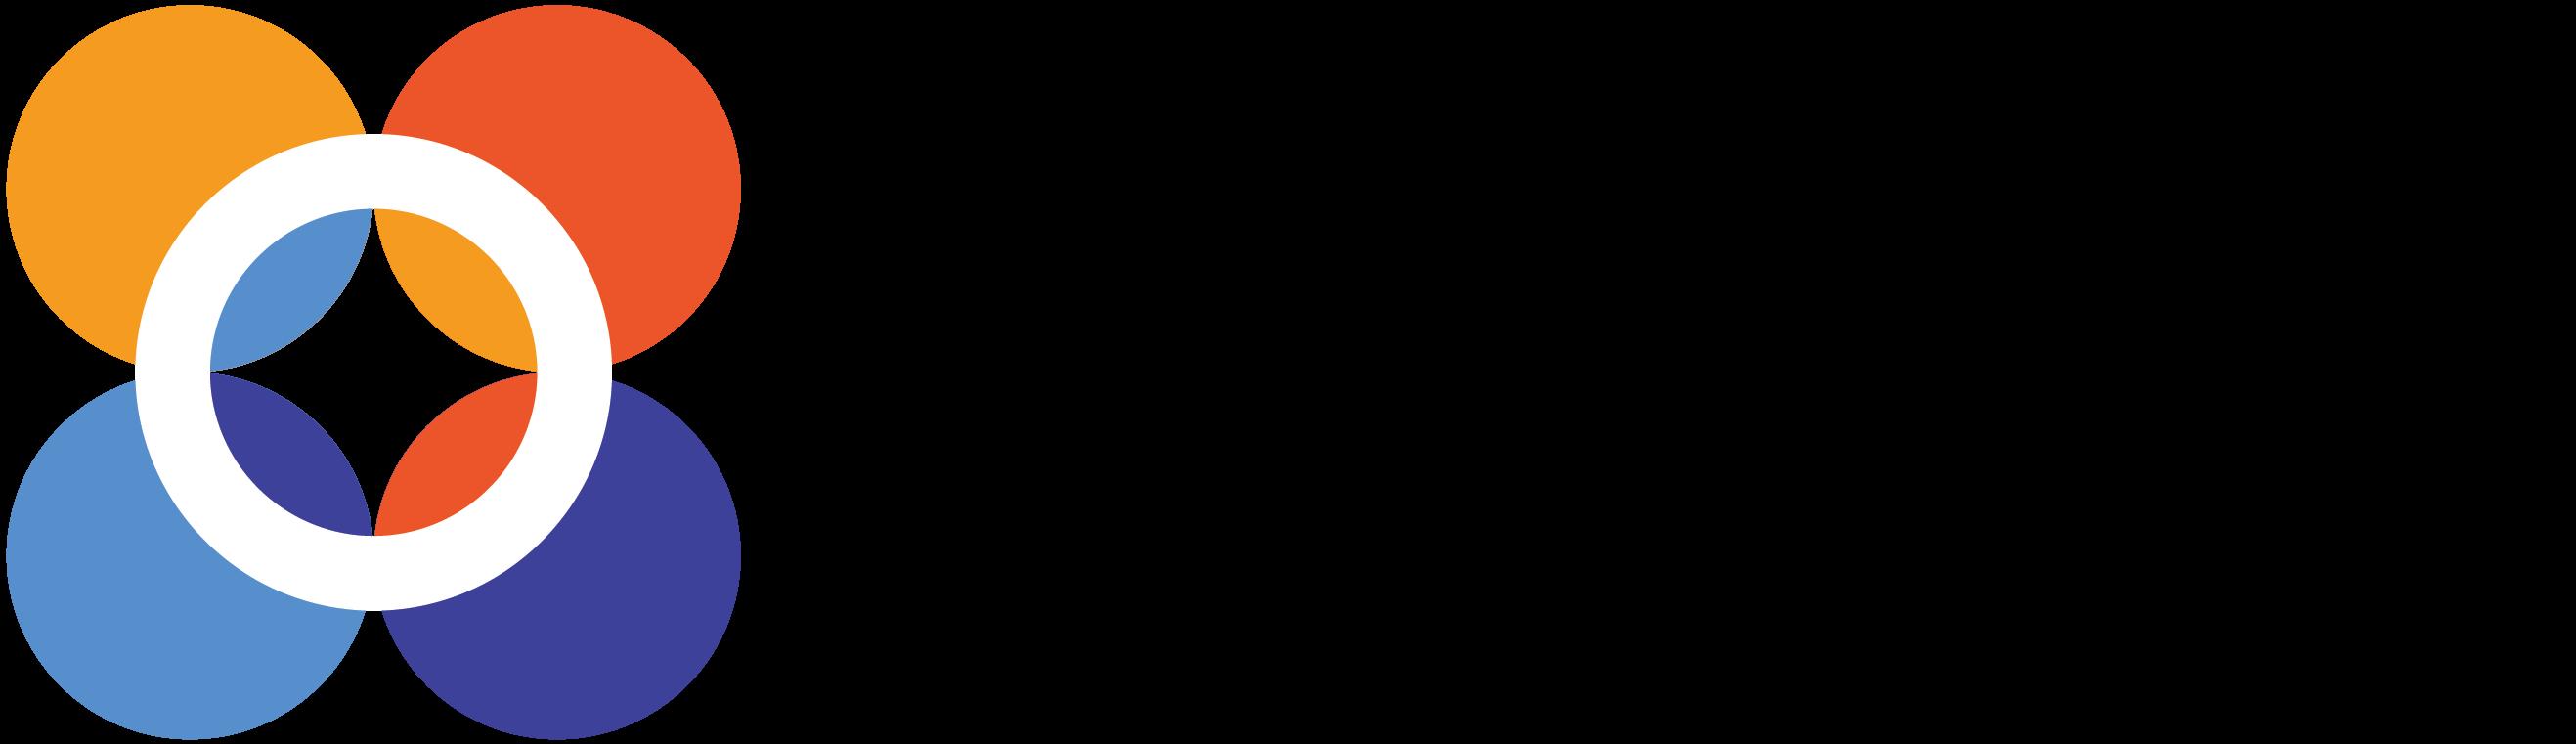 Stowarzyszenie Społeczeństwo i Nauka SPIN